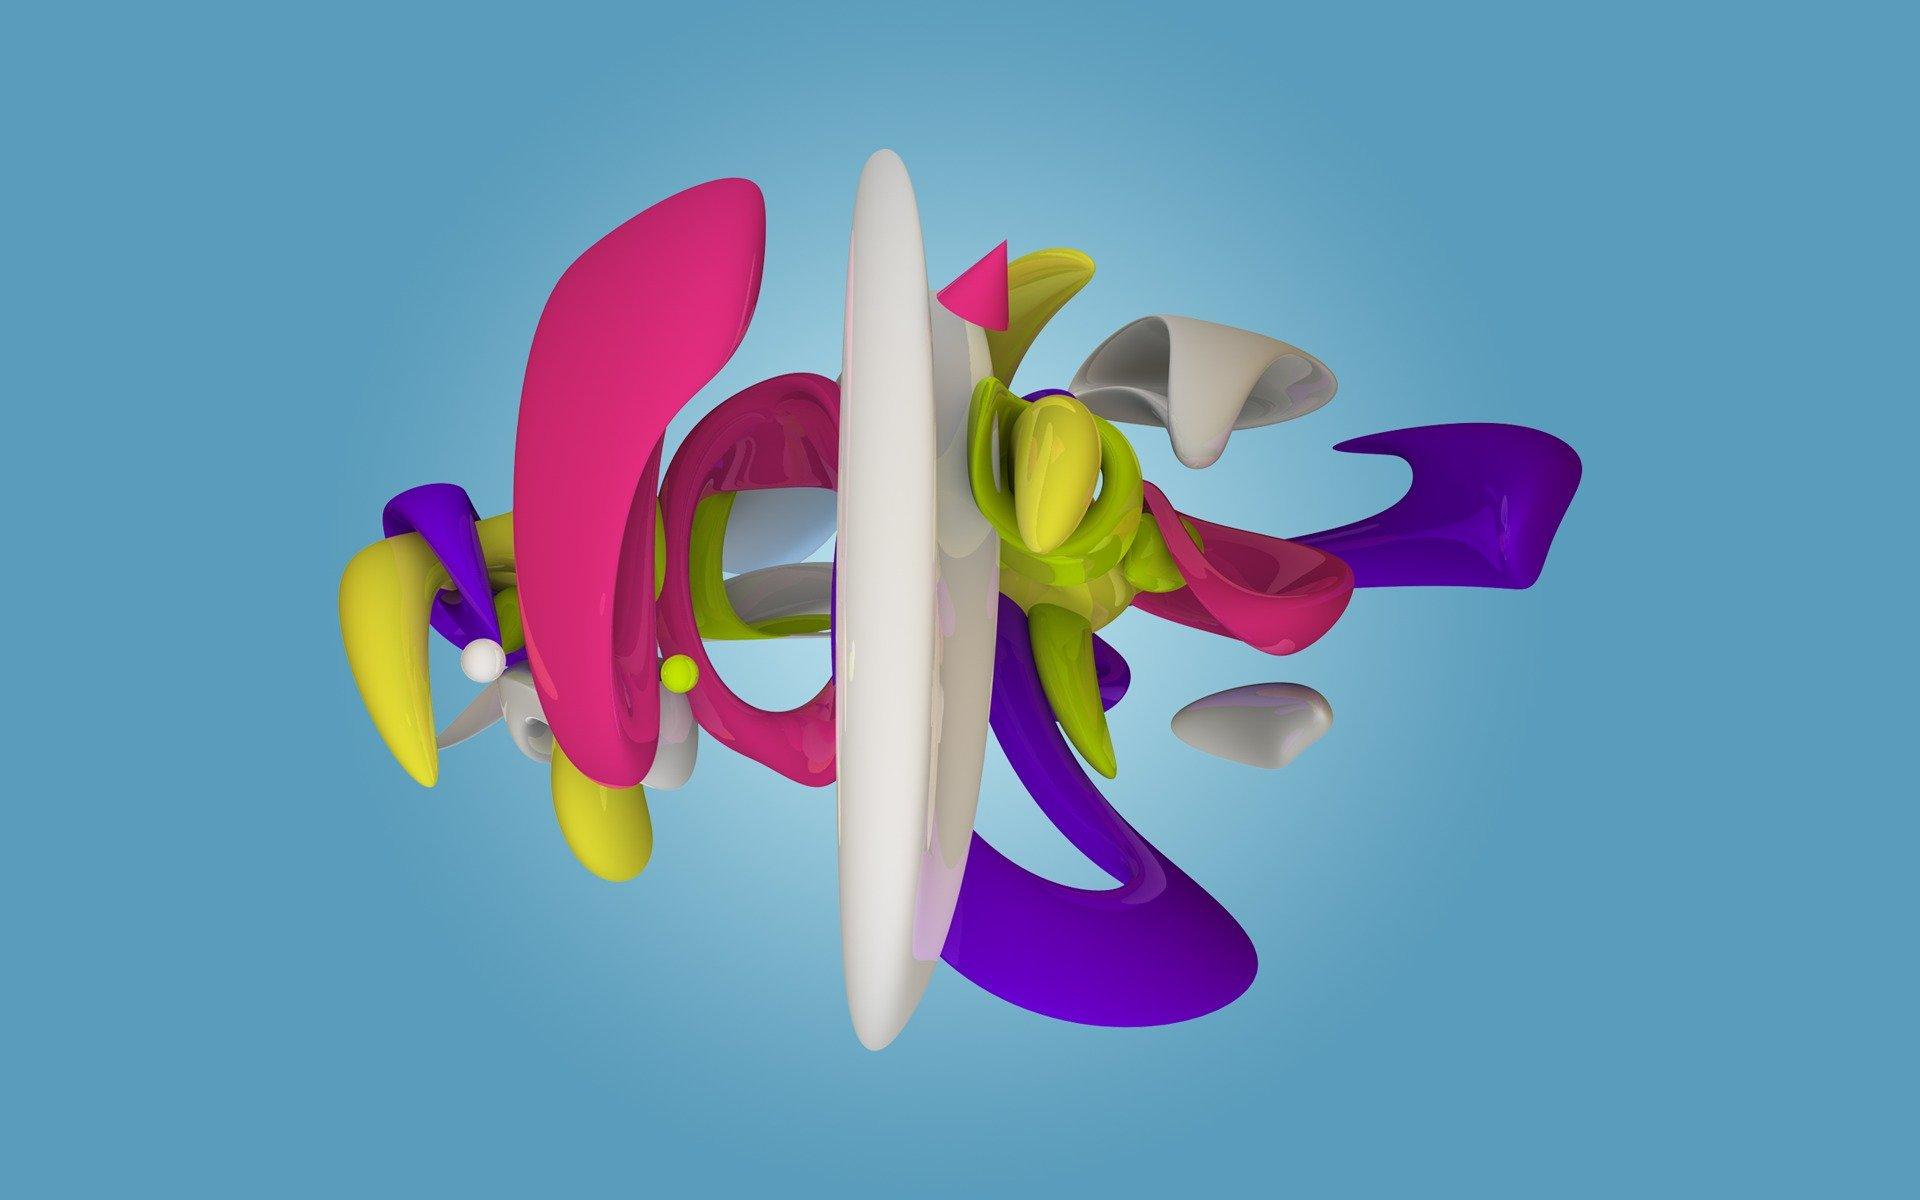 абстракция краски  № 3667527 без смс